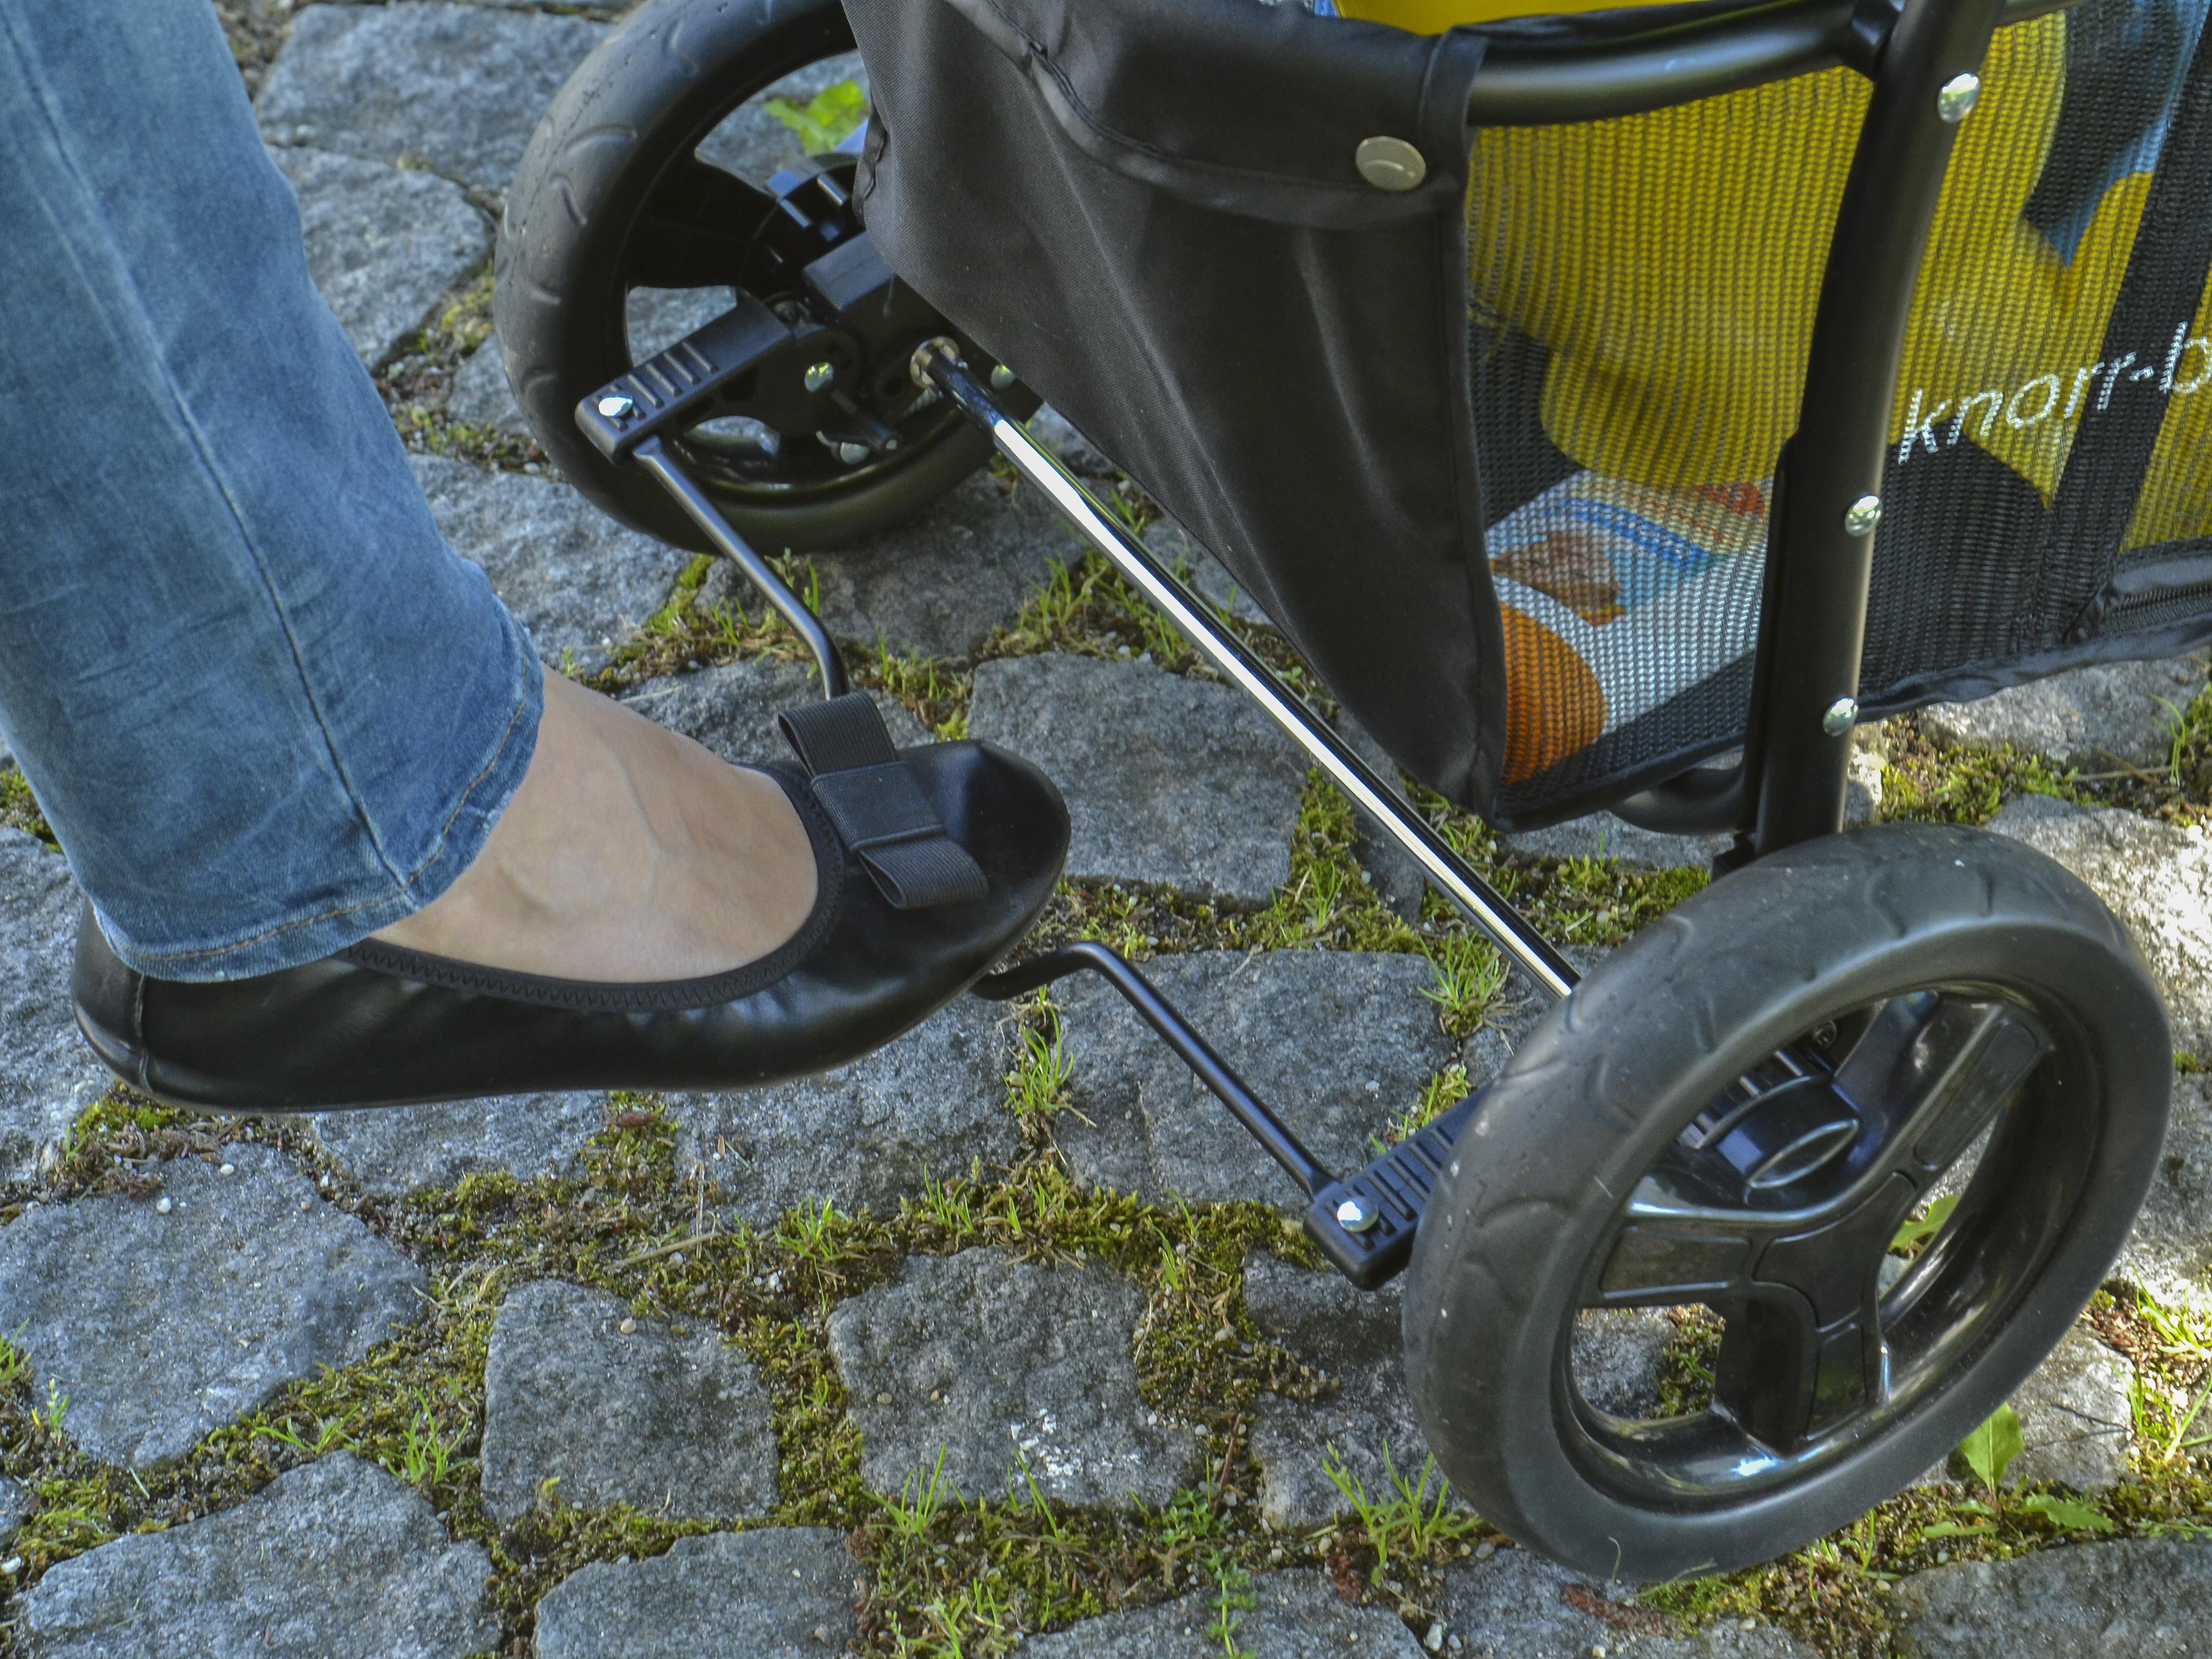 Mit dem Fuß bedienst Du die Feststellbremse, leider ist diese nicht besonders schuhschonend.